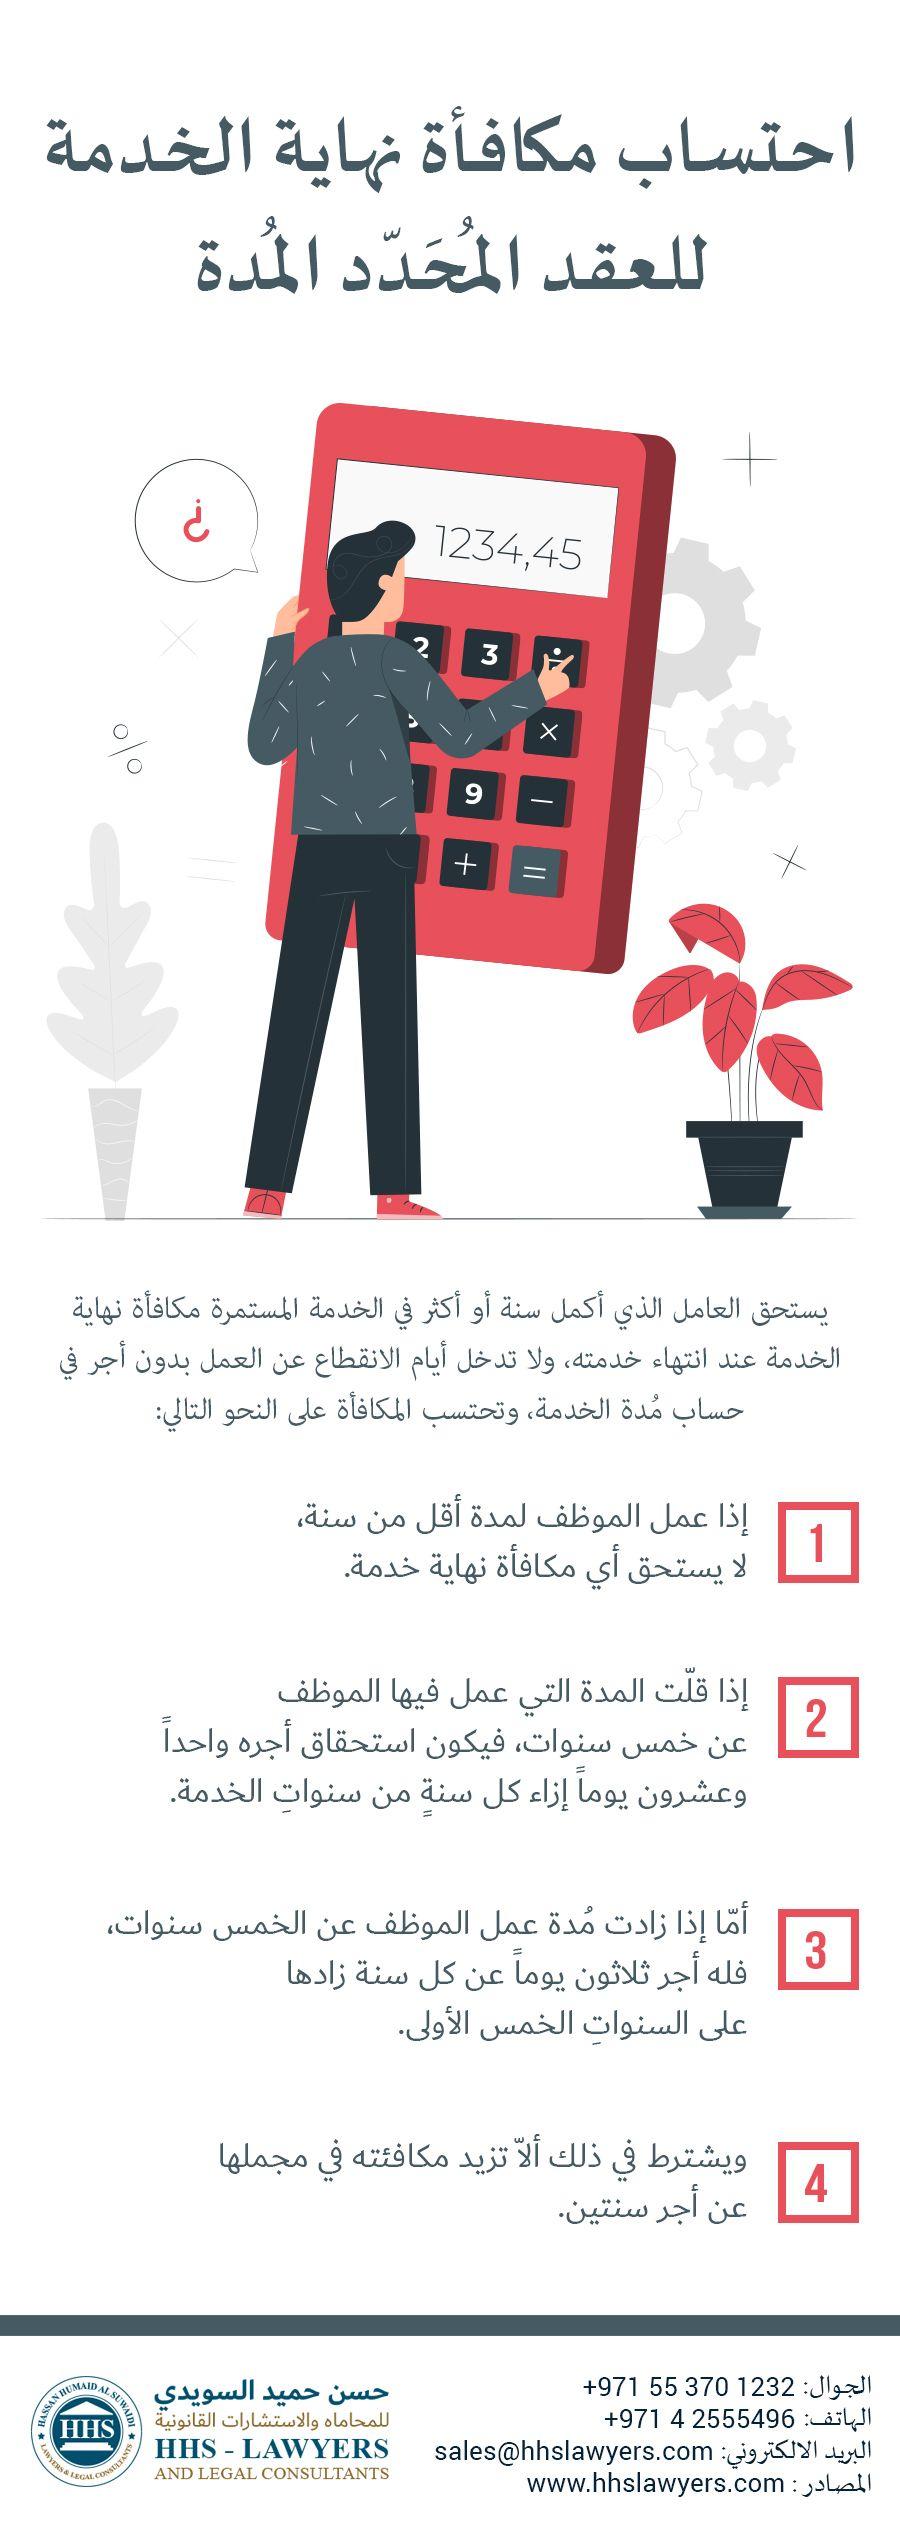 كيف يتم احتساب مكافأة نهاية الخدمة حساب نهاية الخدمة في حالة الاستقالة في الامارات Playing Cards Cards Movie Posters